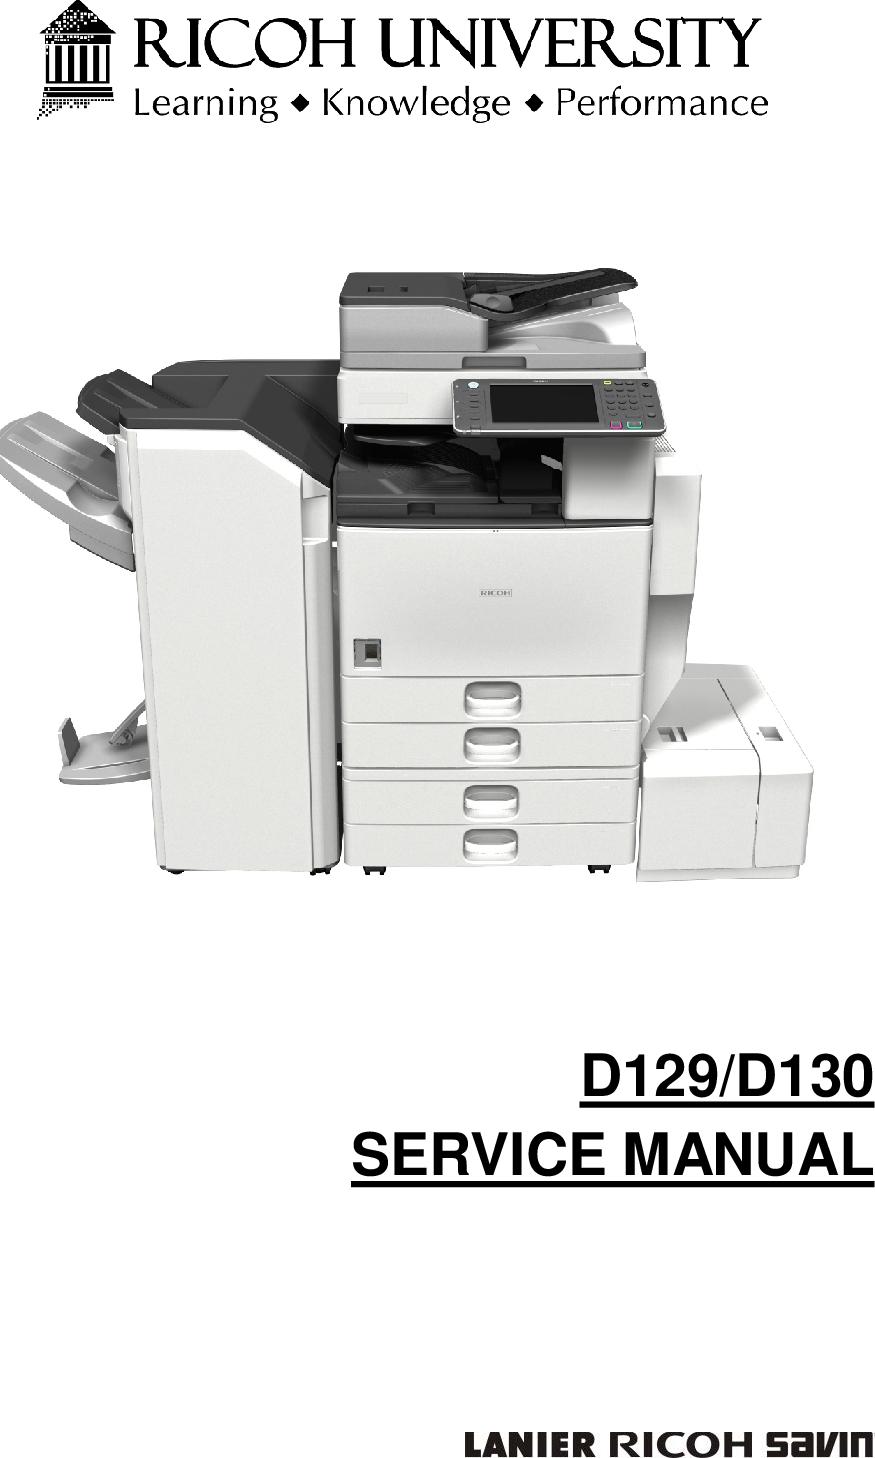 Ricoh D129, D130 Service Manual  Www s manuals com  Manual